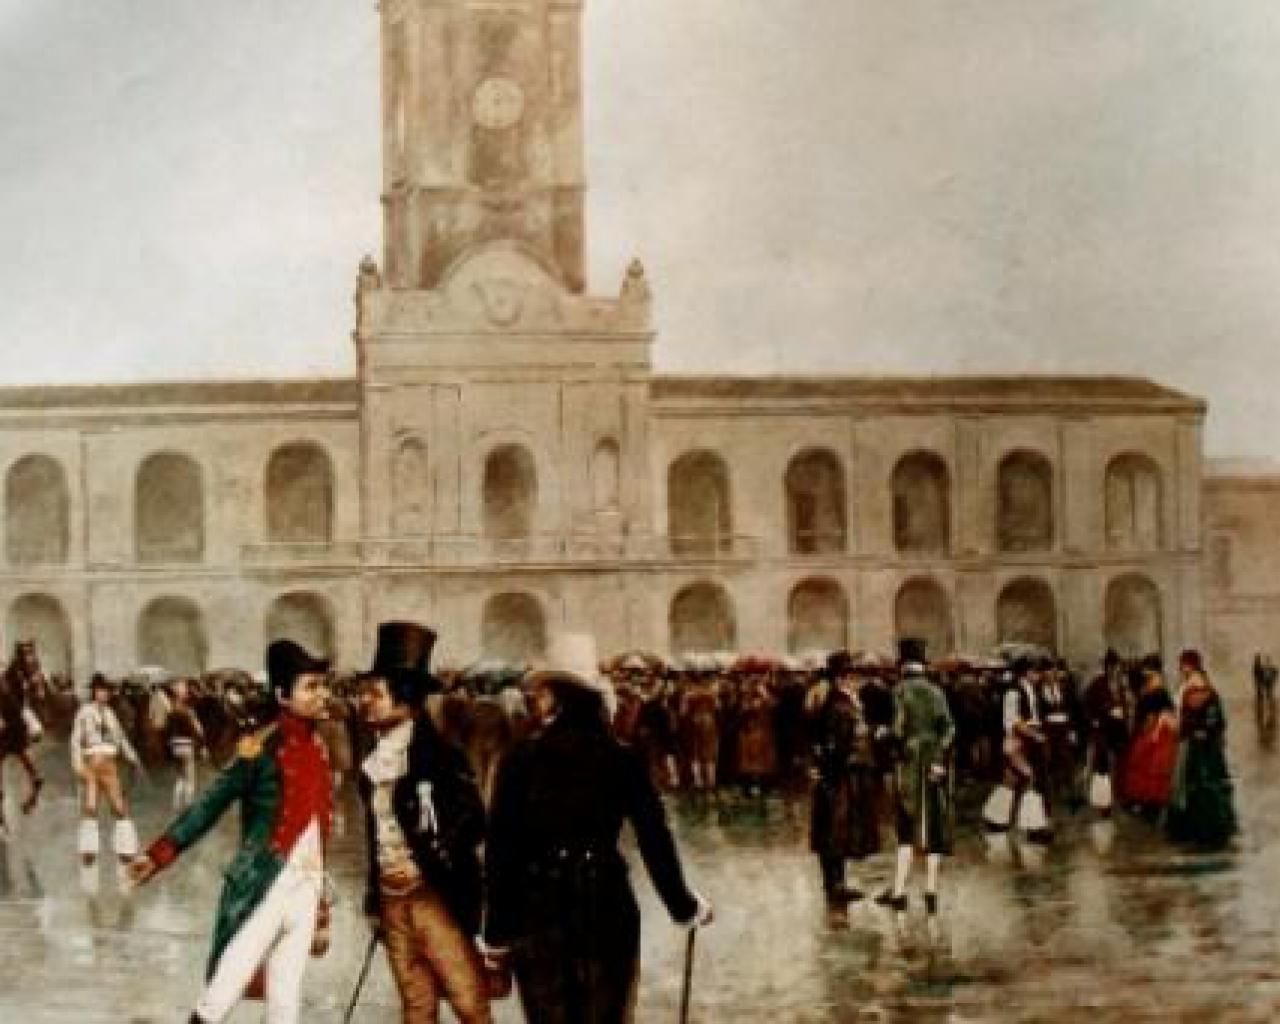 Esto pasaba un 24 de Mayo de 1810 - ElSol.com.ar - Diario de Mendoza,  Argentina - El Sol Online